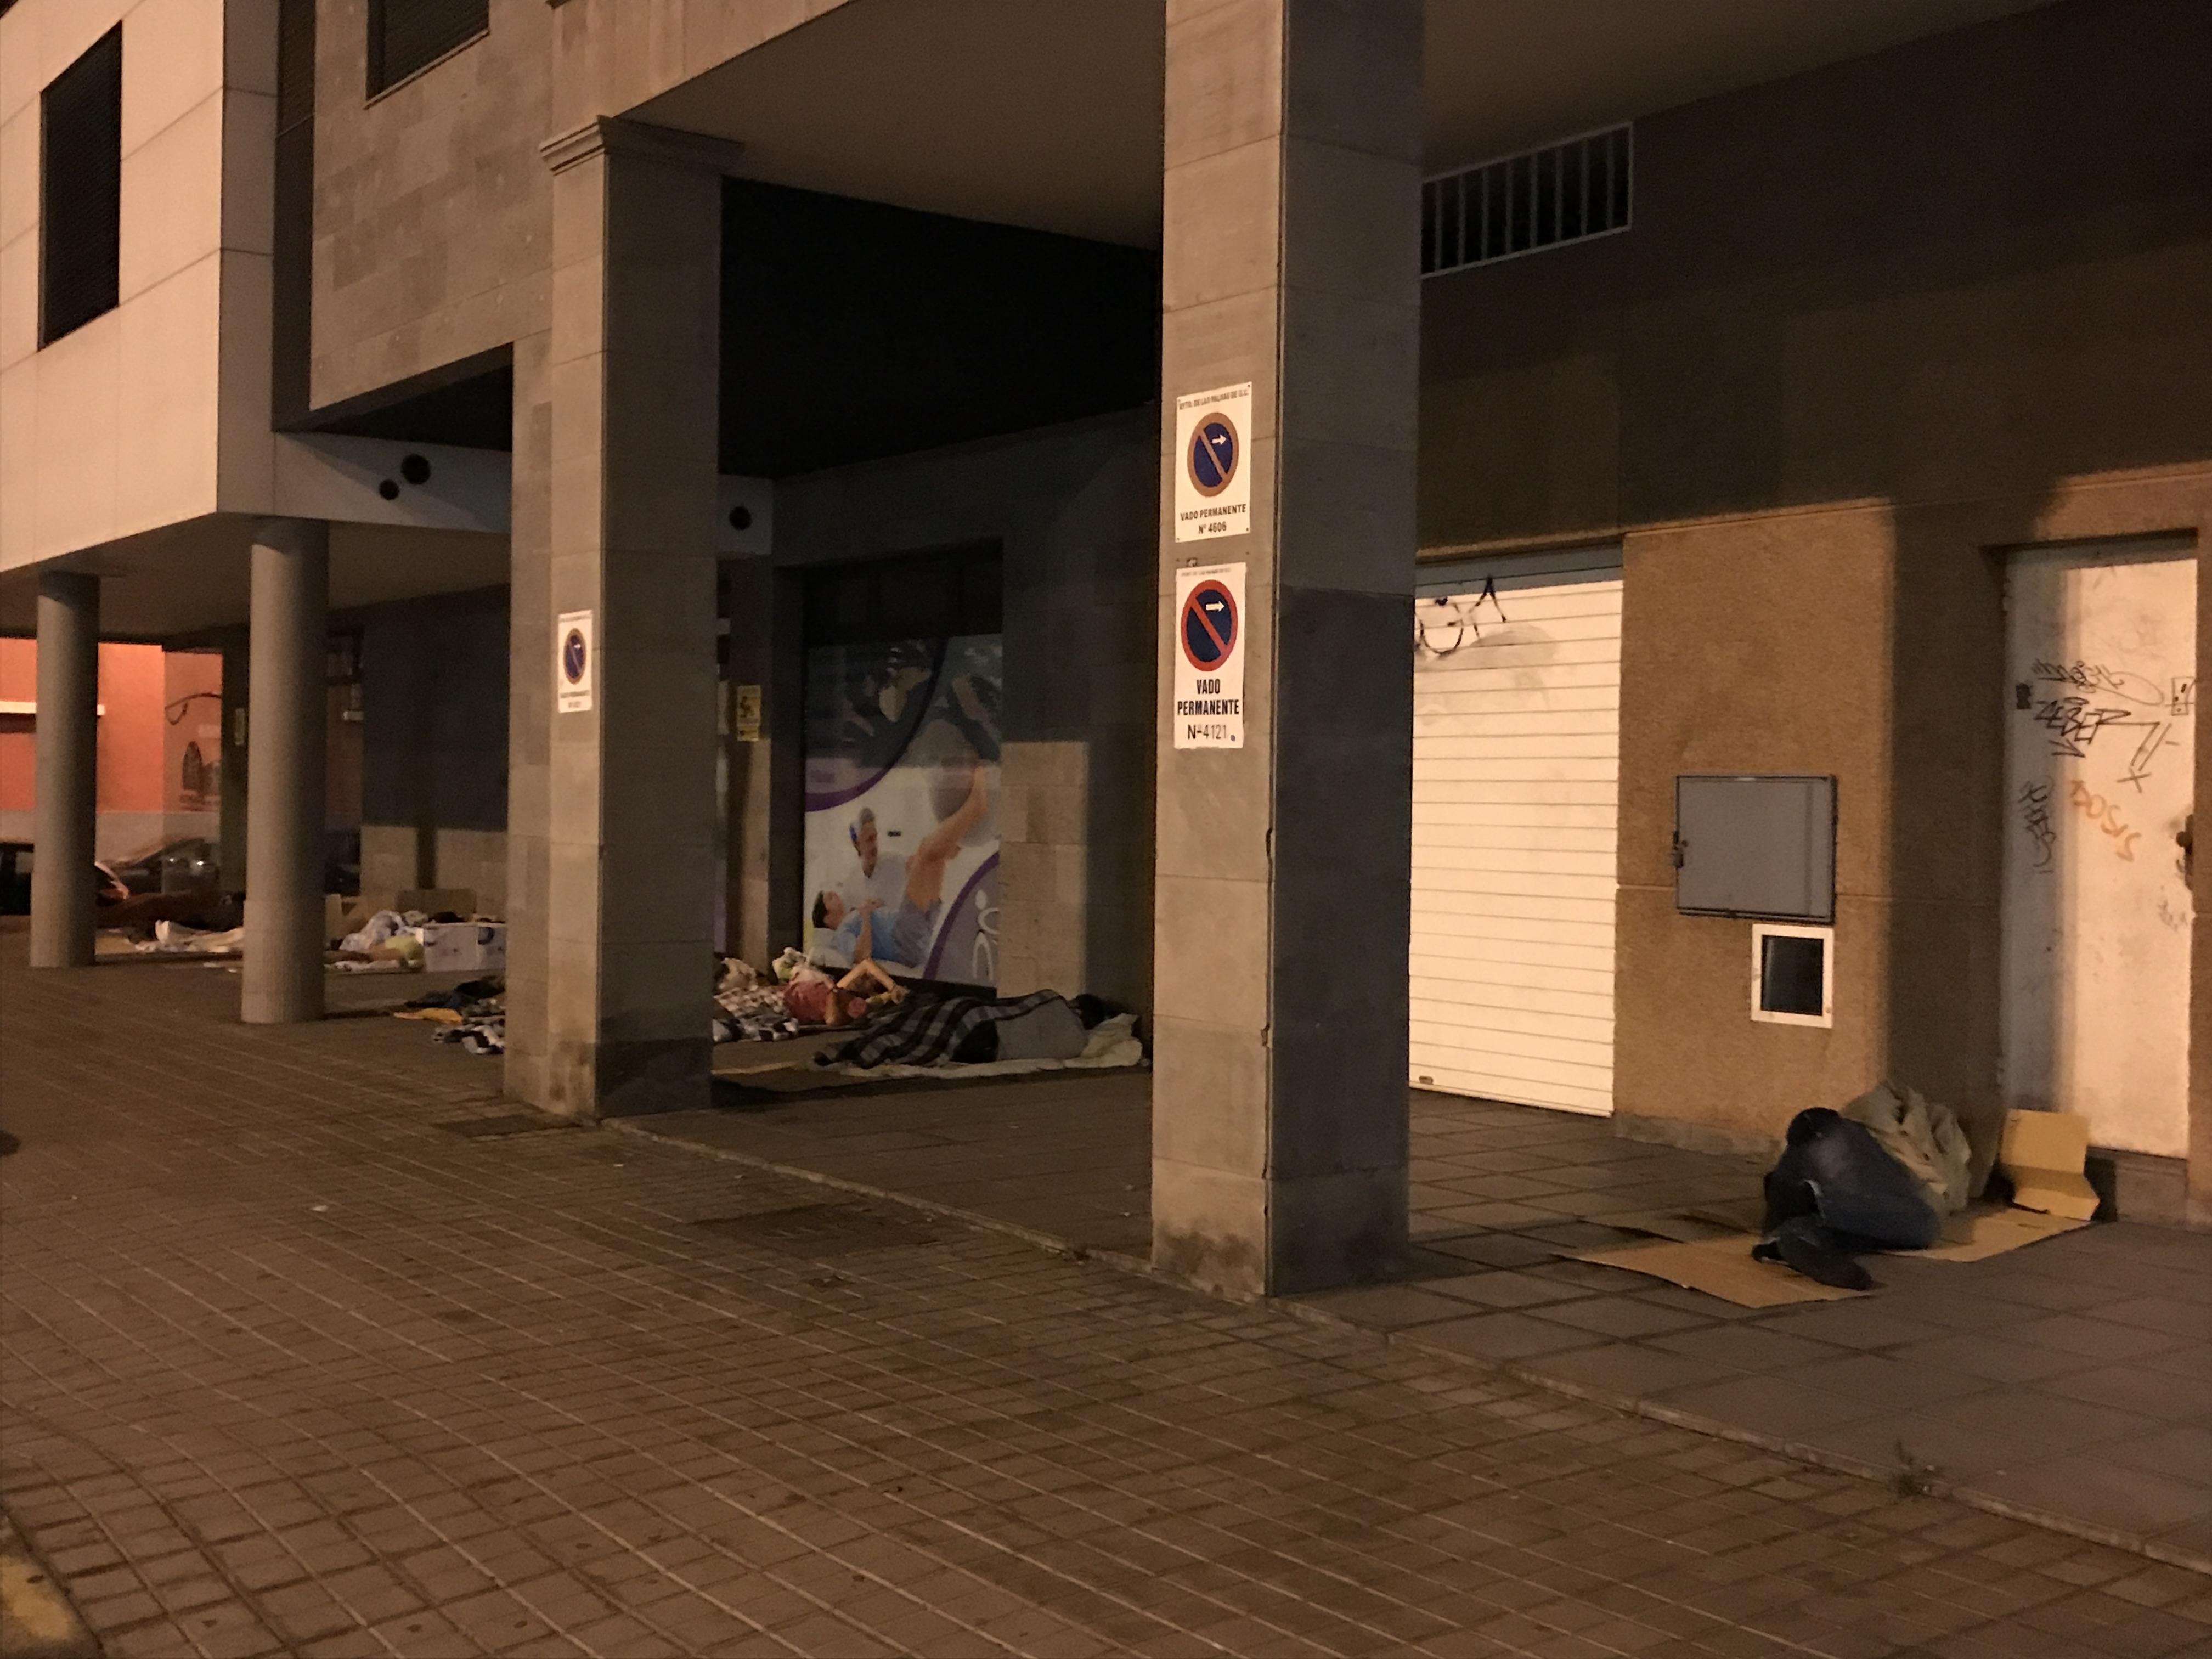 Personas sin hogar en Las Palmas de Gran Canaria